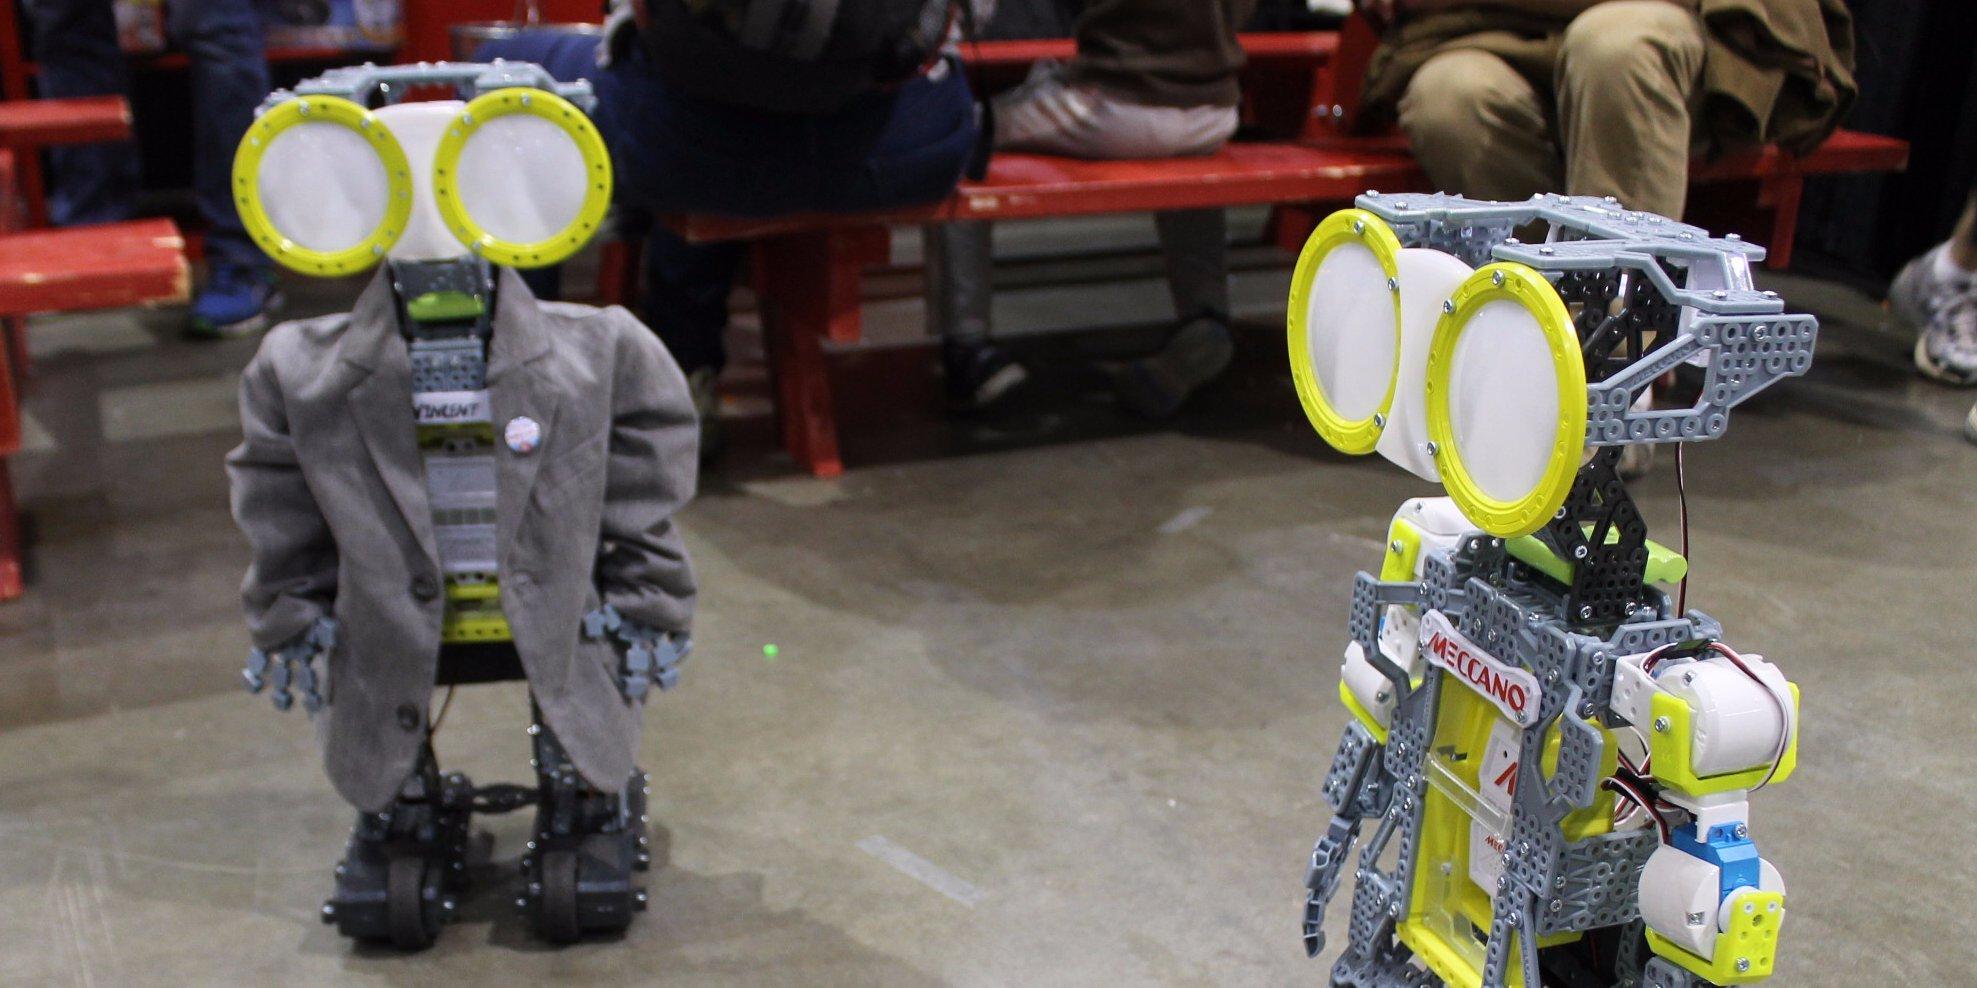 essay on robot Contents introduction 1 what are robots advanteges and di̇sadvantages 1 advantages 1 di̇sadvantages 3 the future of robots 3 what can robots do 5 conclusion 5 references 6 roboti̇cs introduction.